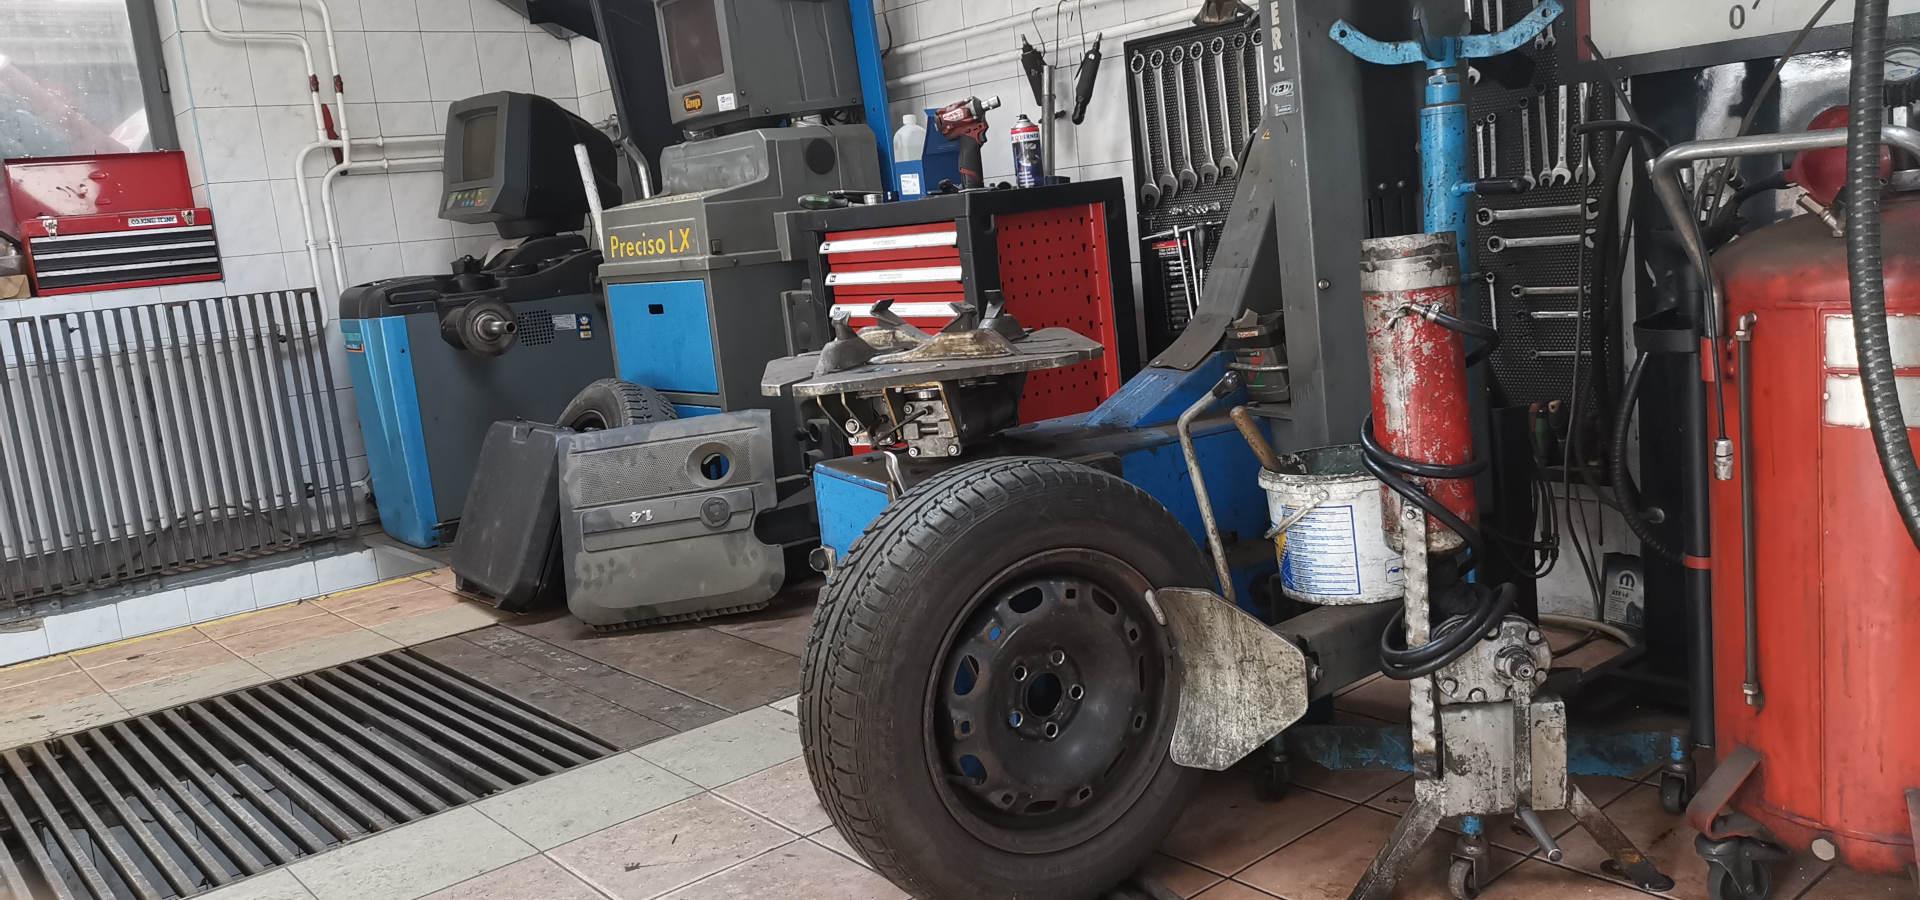 kovács autószerviz szolgáltatások, Kovács Autószerviz